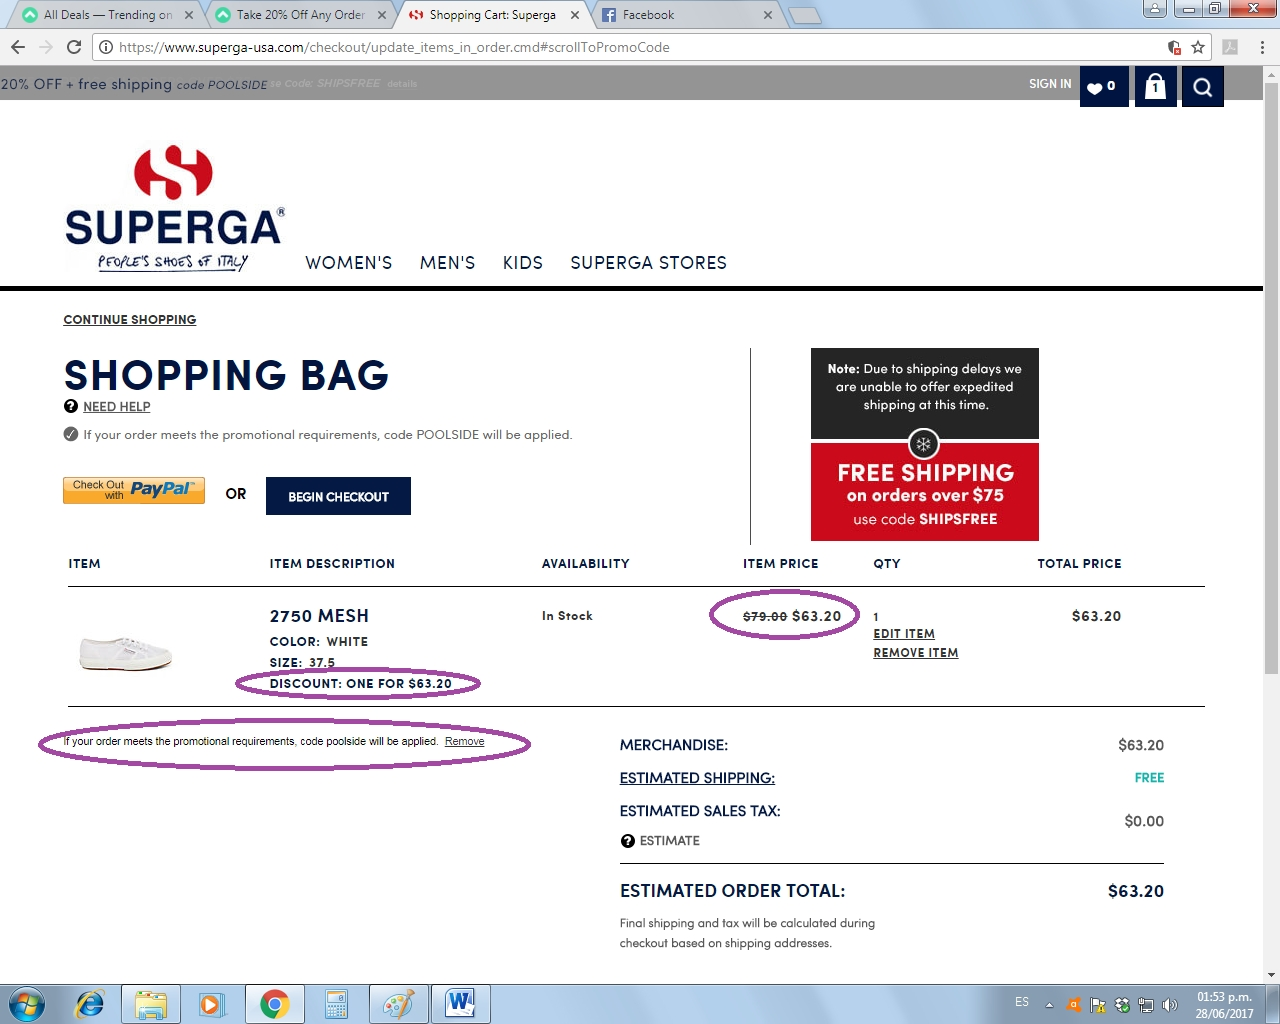 Superga coupon code